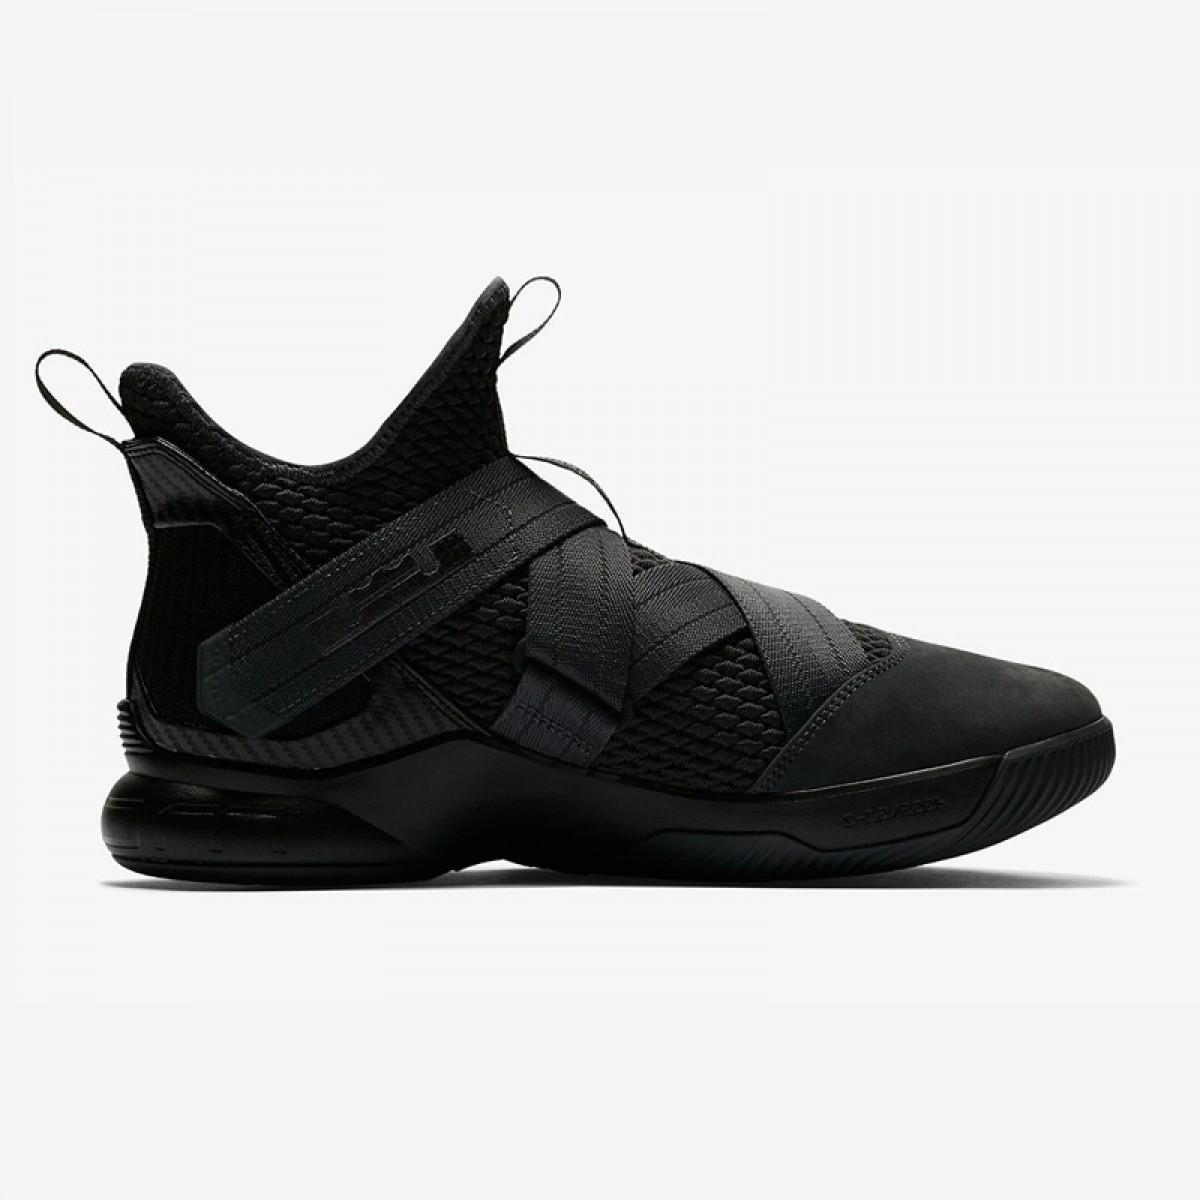 Nike Lebron Soldier XII SFG 'Zero Dark Thirty' AO4054-002